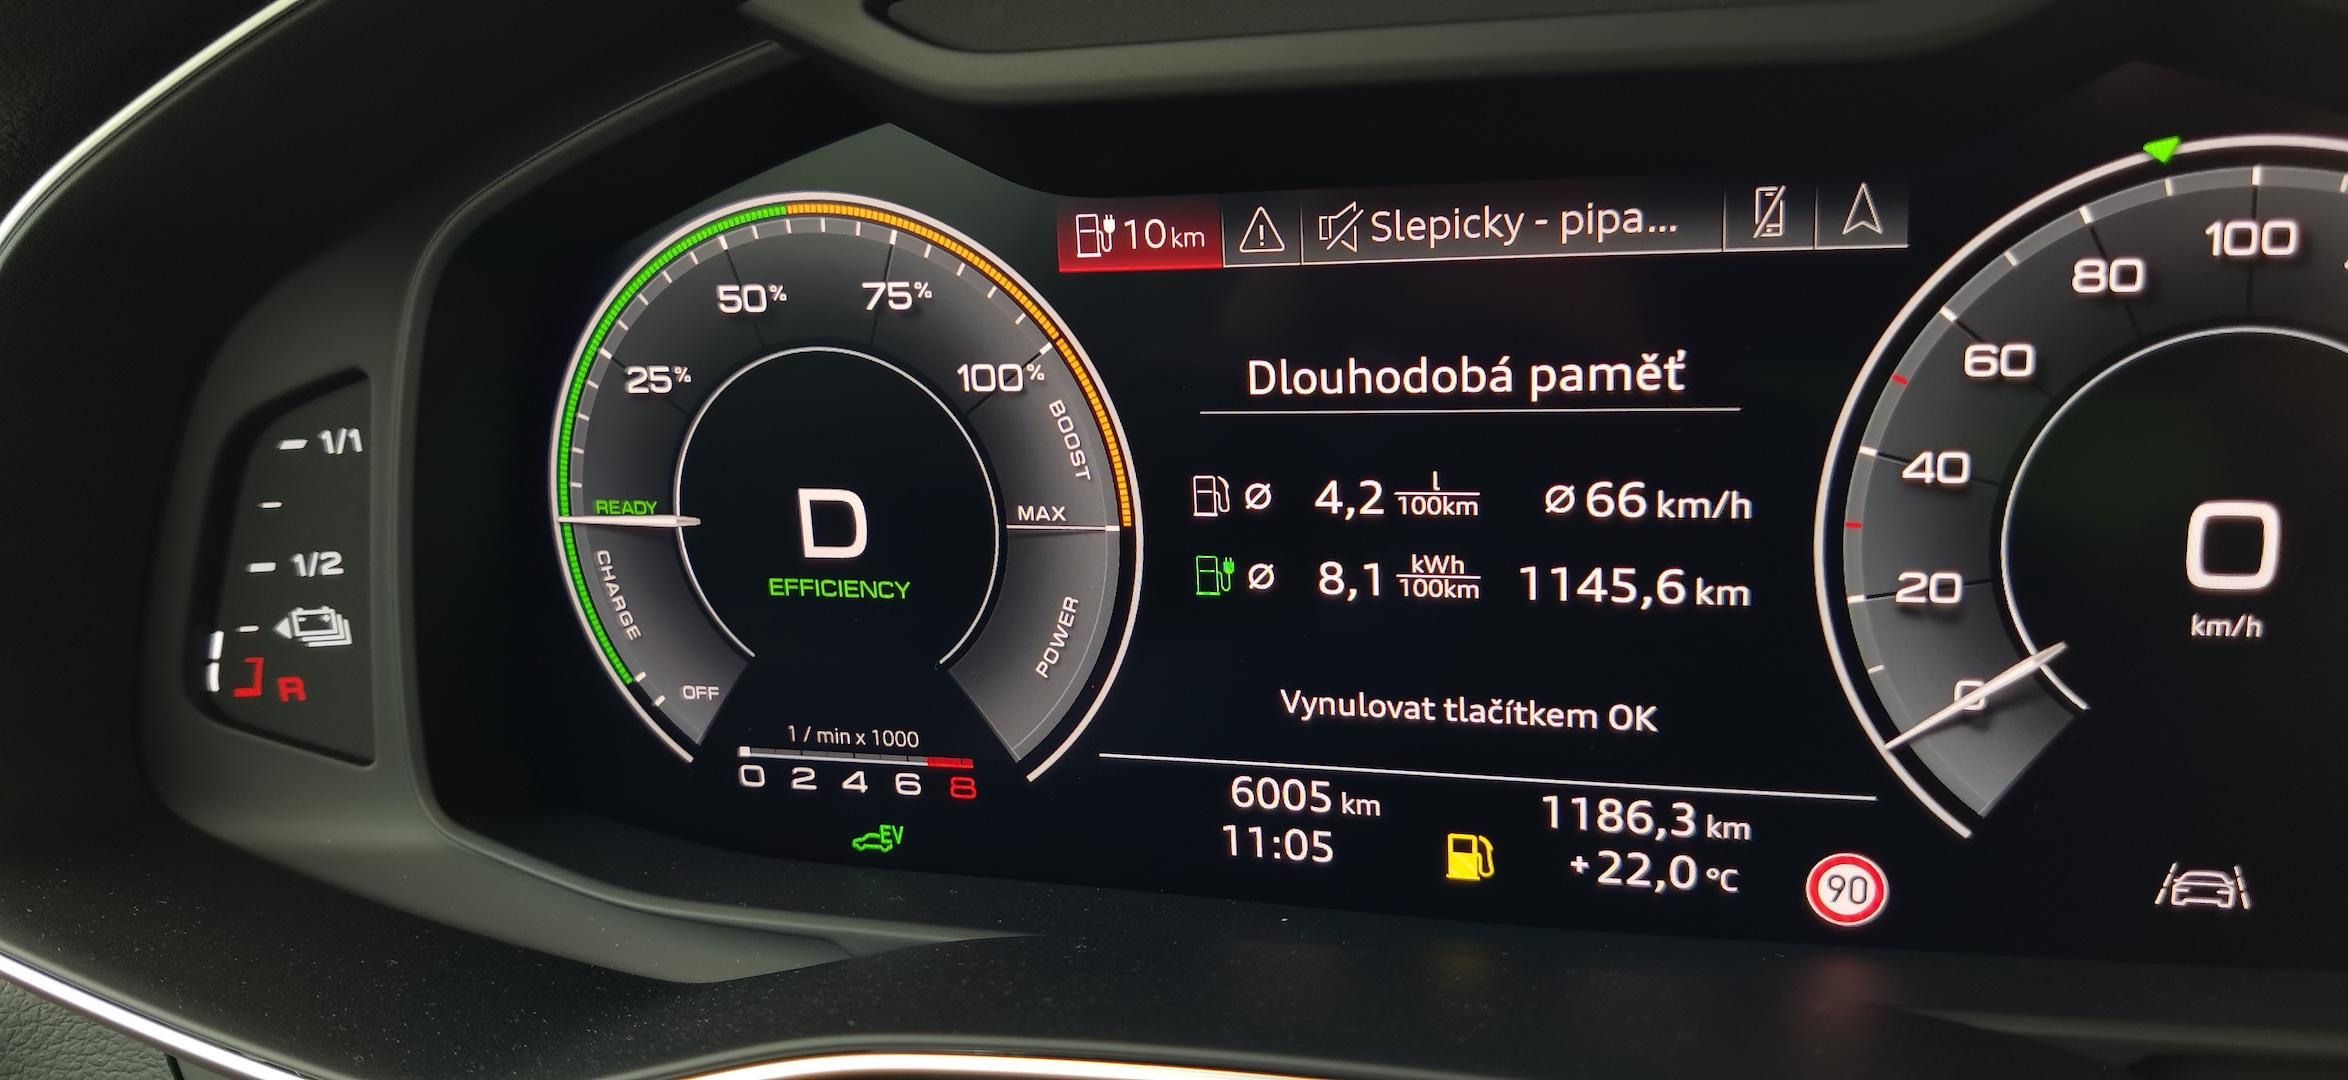 Audi A7 Sportback 55 TFSI e Quattro - skutečná spotřeba